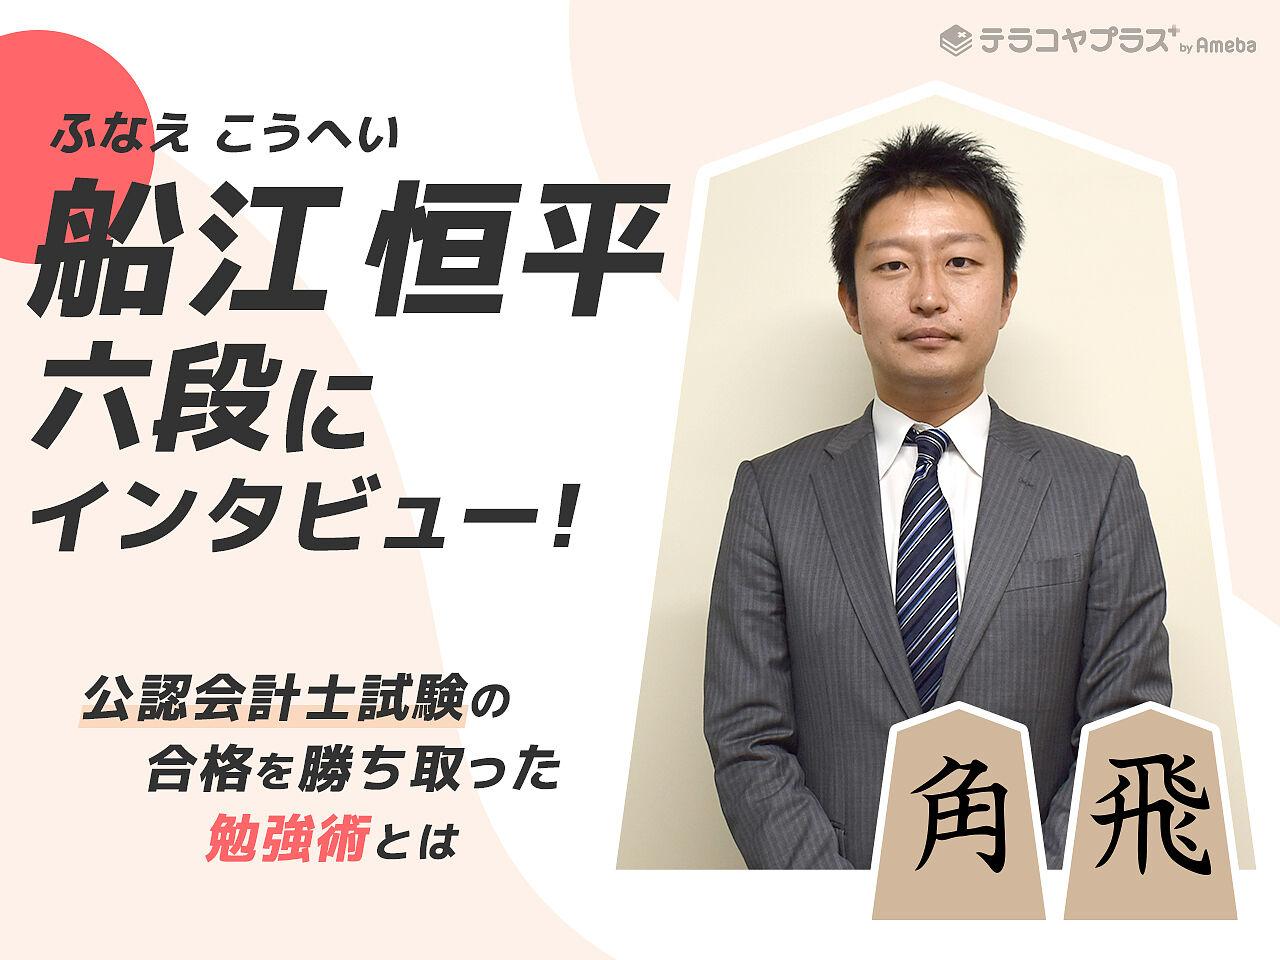 将棋棋士が公認会計士試験に合格!船江恒平六段流の勉強術に迫るの画像